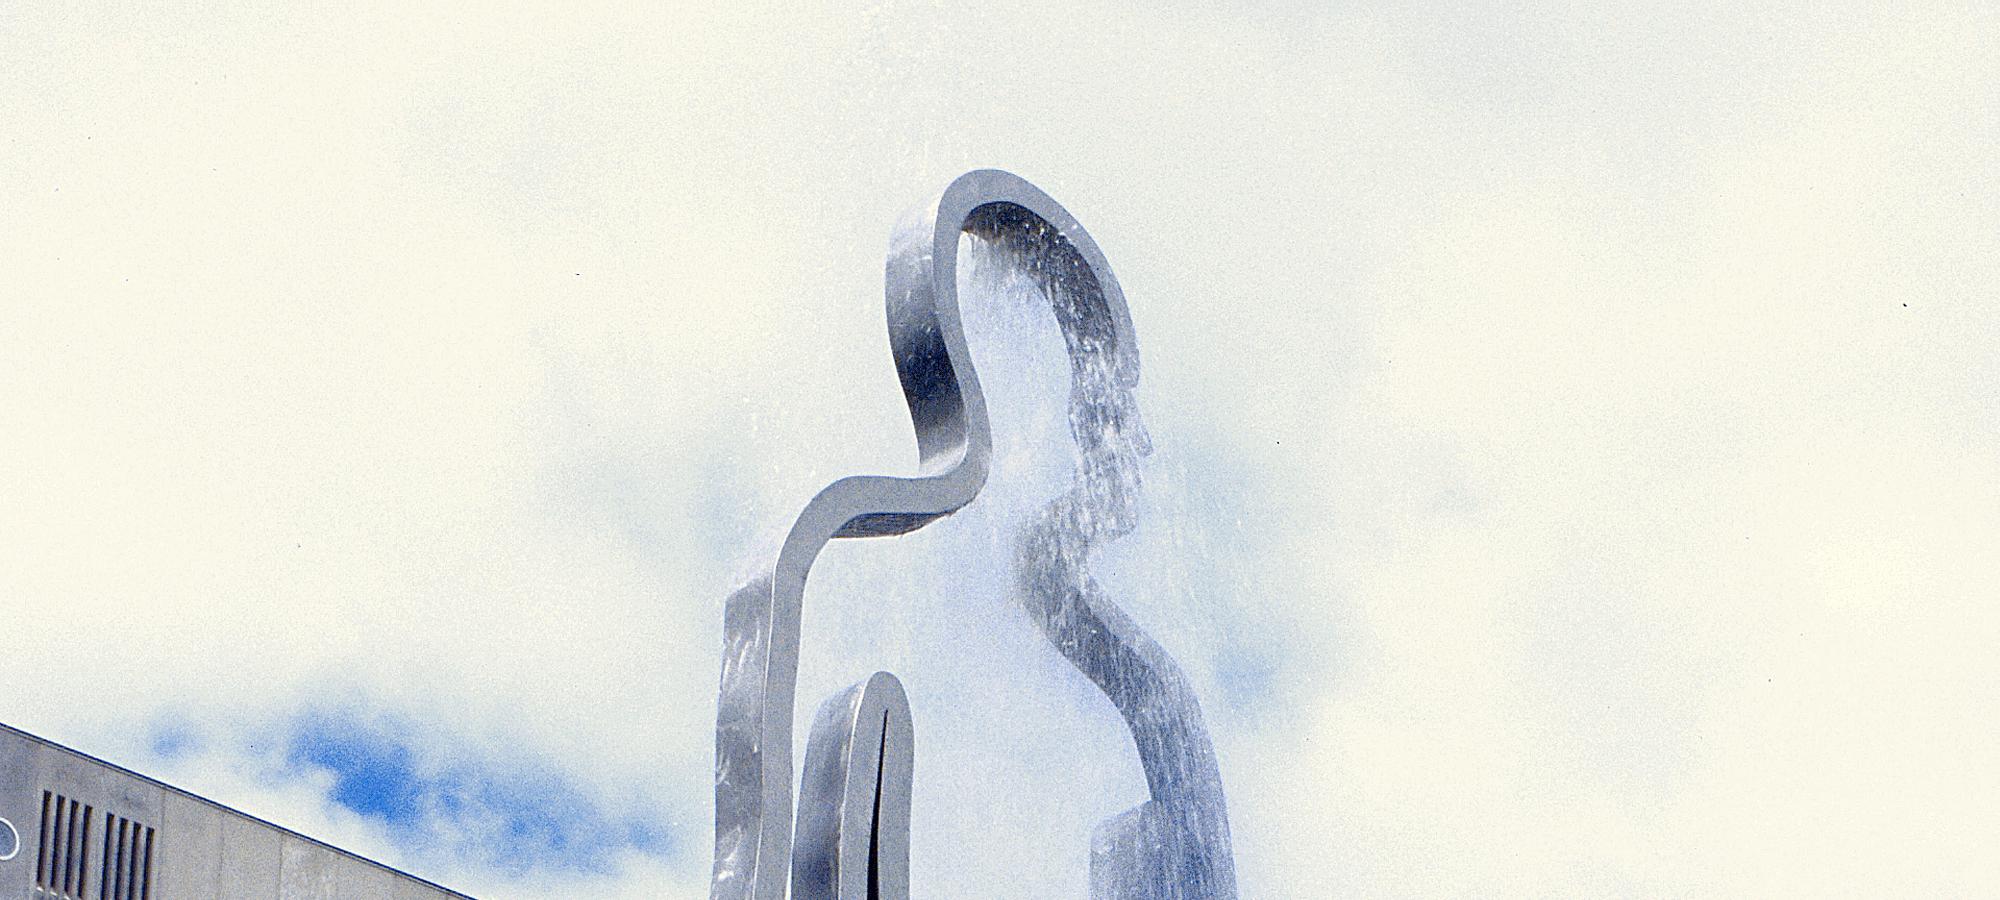 Public Art sculpture-University Groningen Netherlands-BlokLugthart